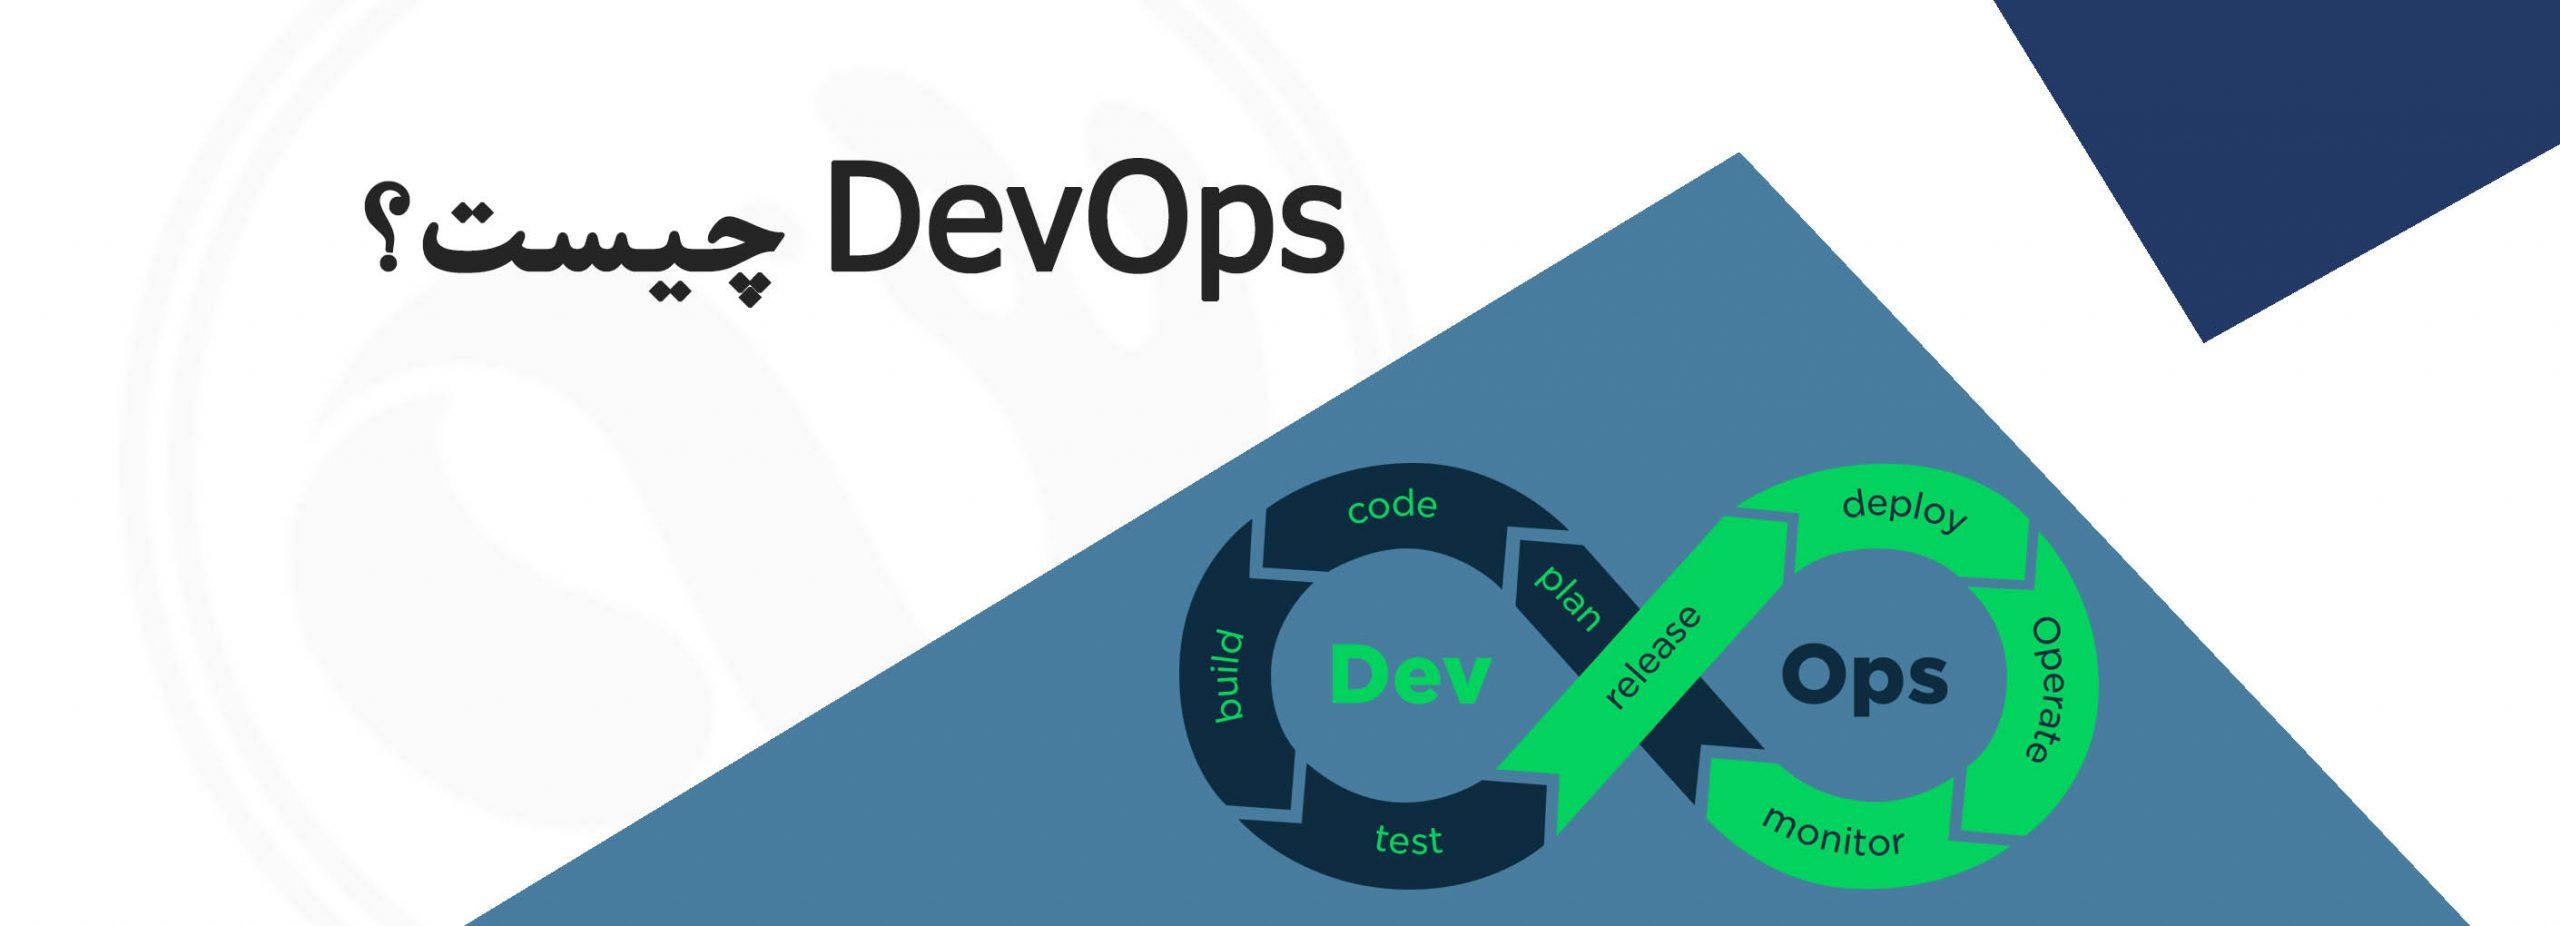 DevOps چیست؟